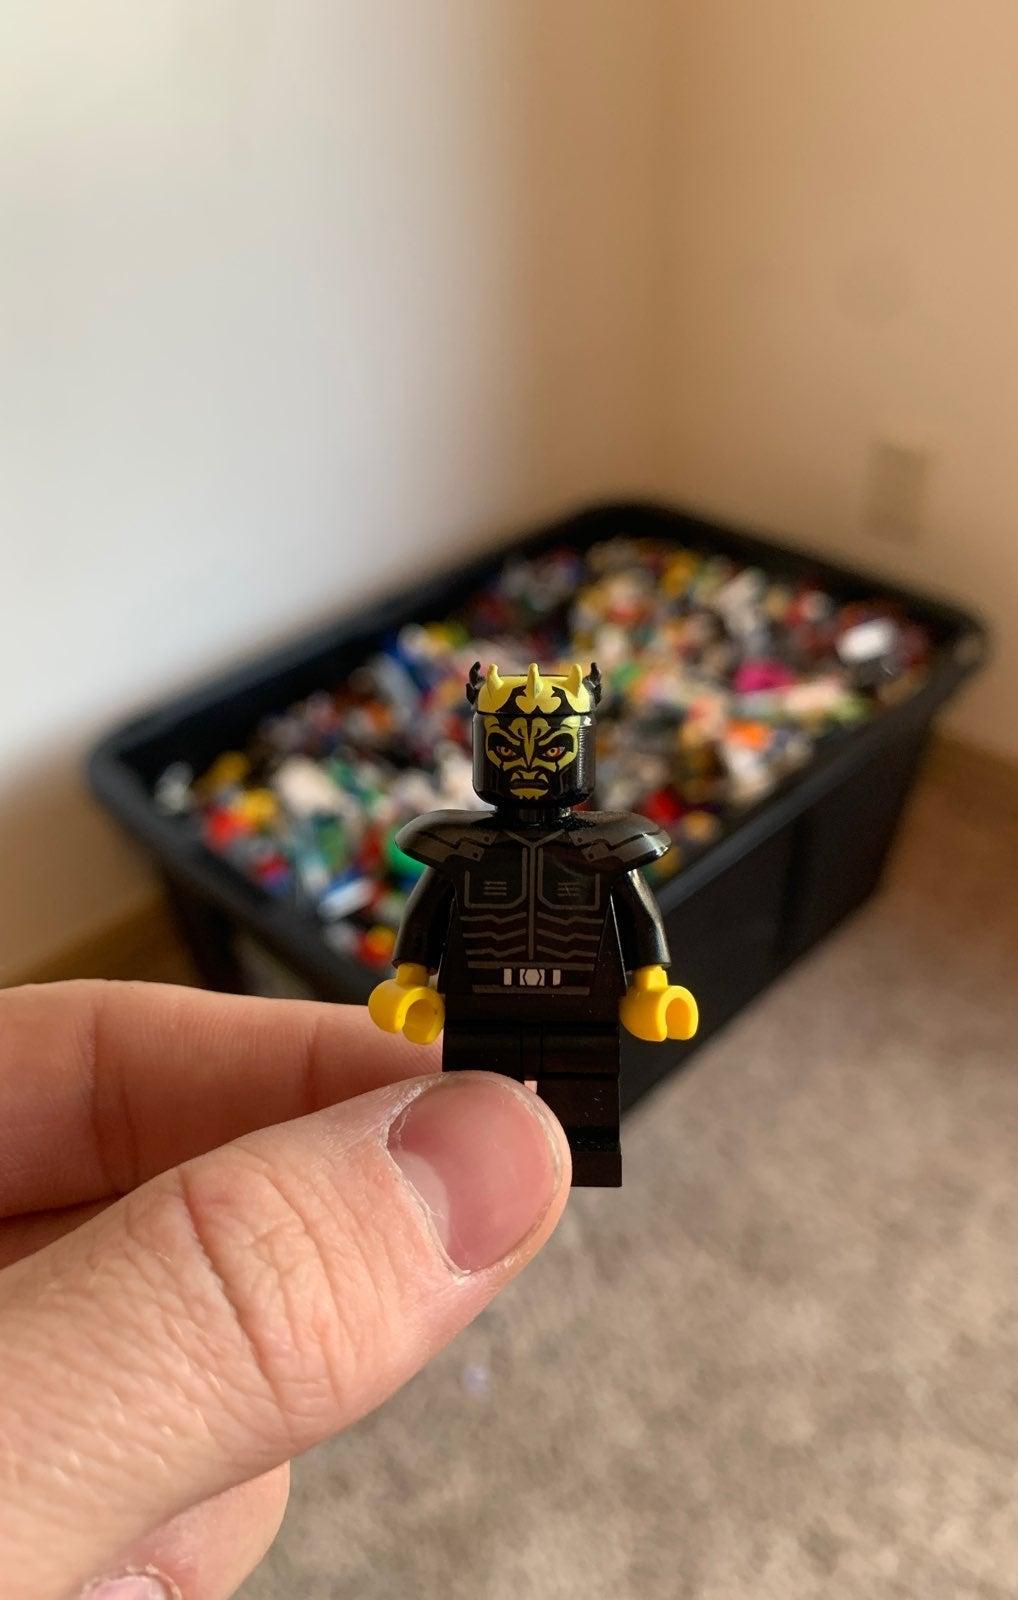 LEGO Lot- 300 Piece + Starwars Minifig